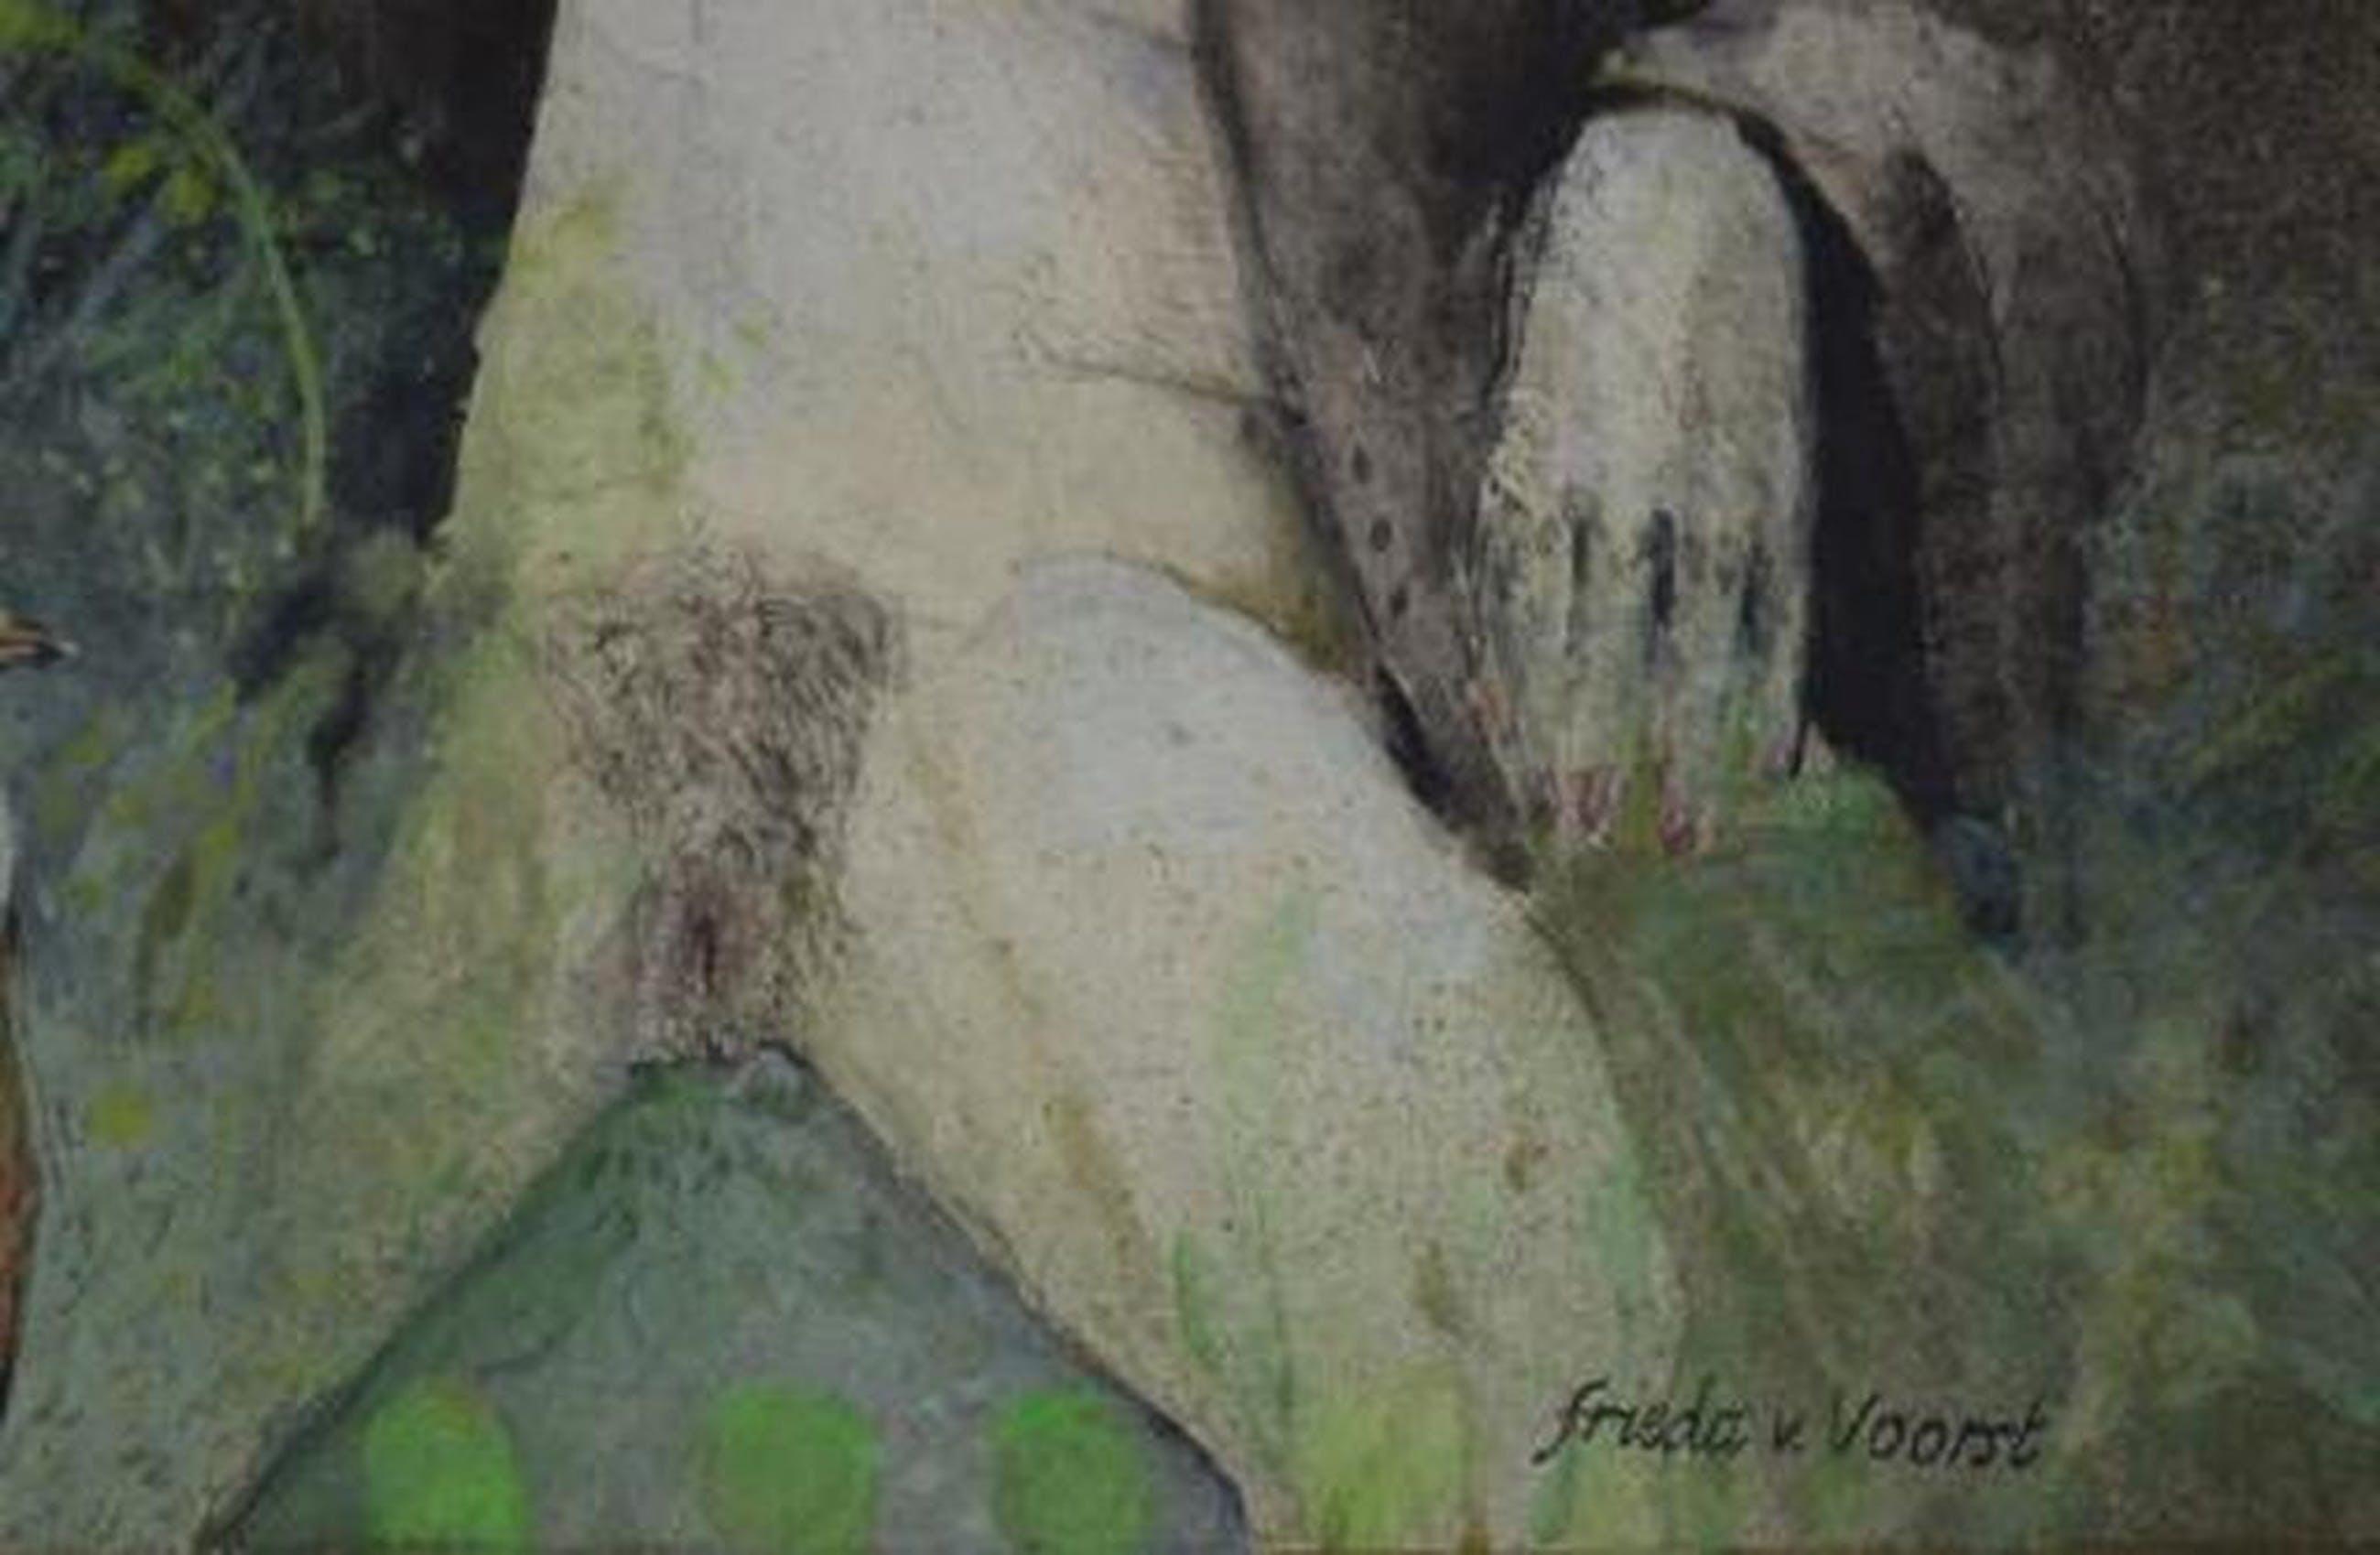 Frieda van Voorst (Den Haag 1949- Witkuifgaai, 1979 30x23   kopen? Bied vanaf 90!